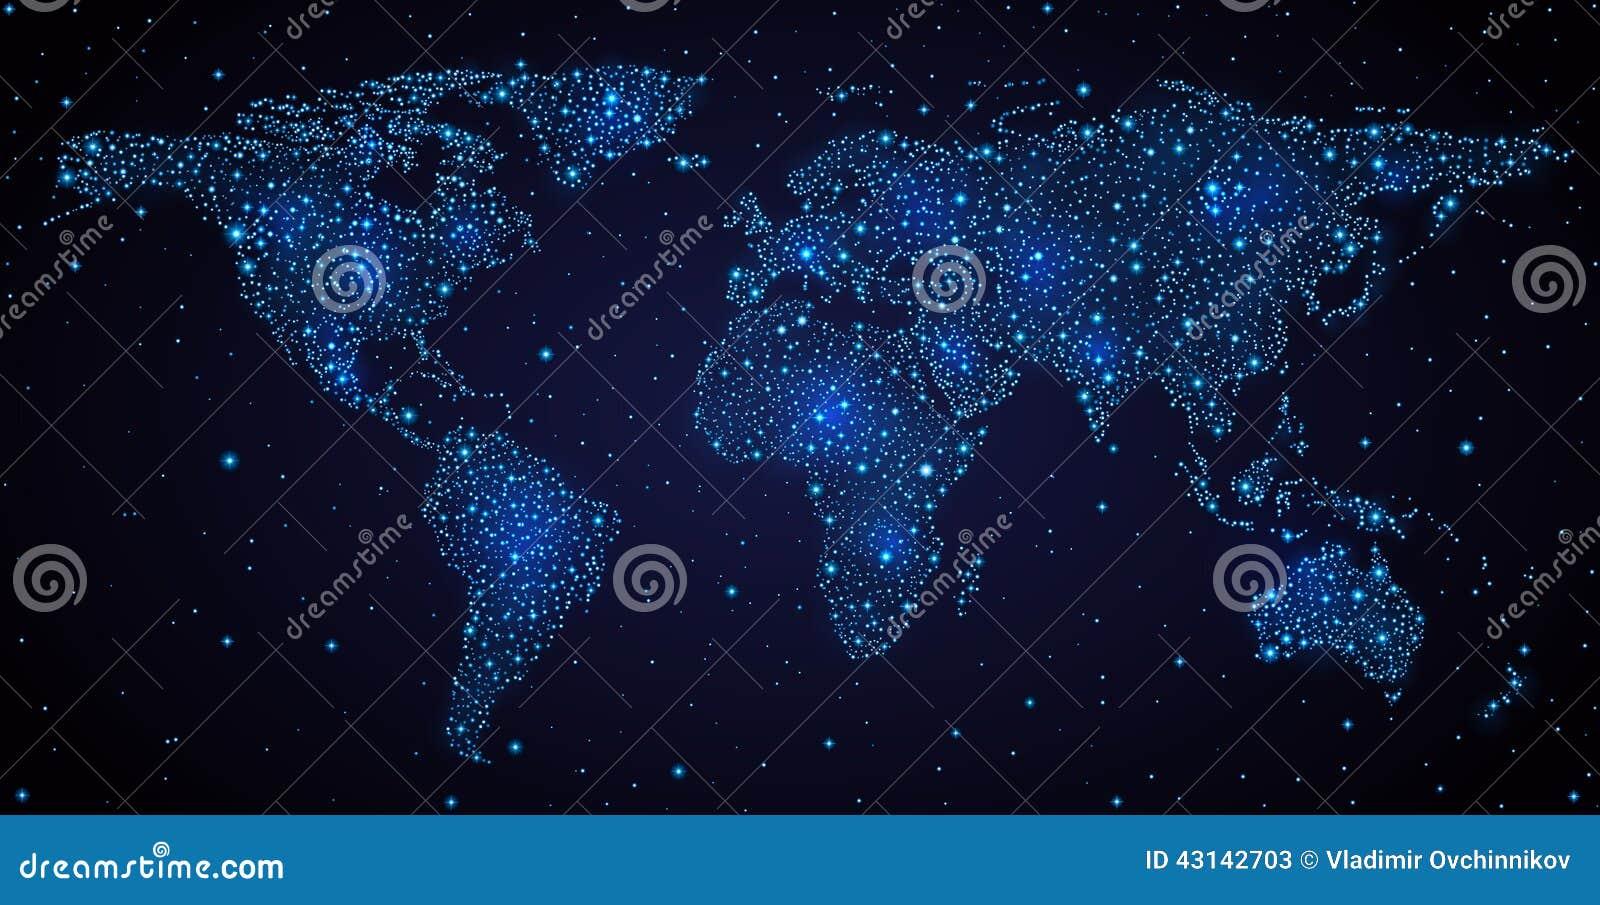 Weltkarte im nächtlichen Himmel